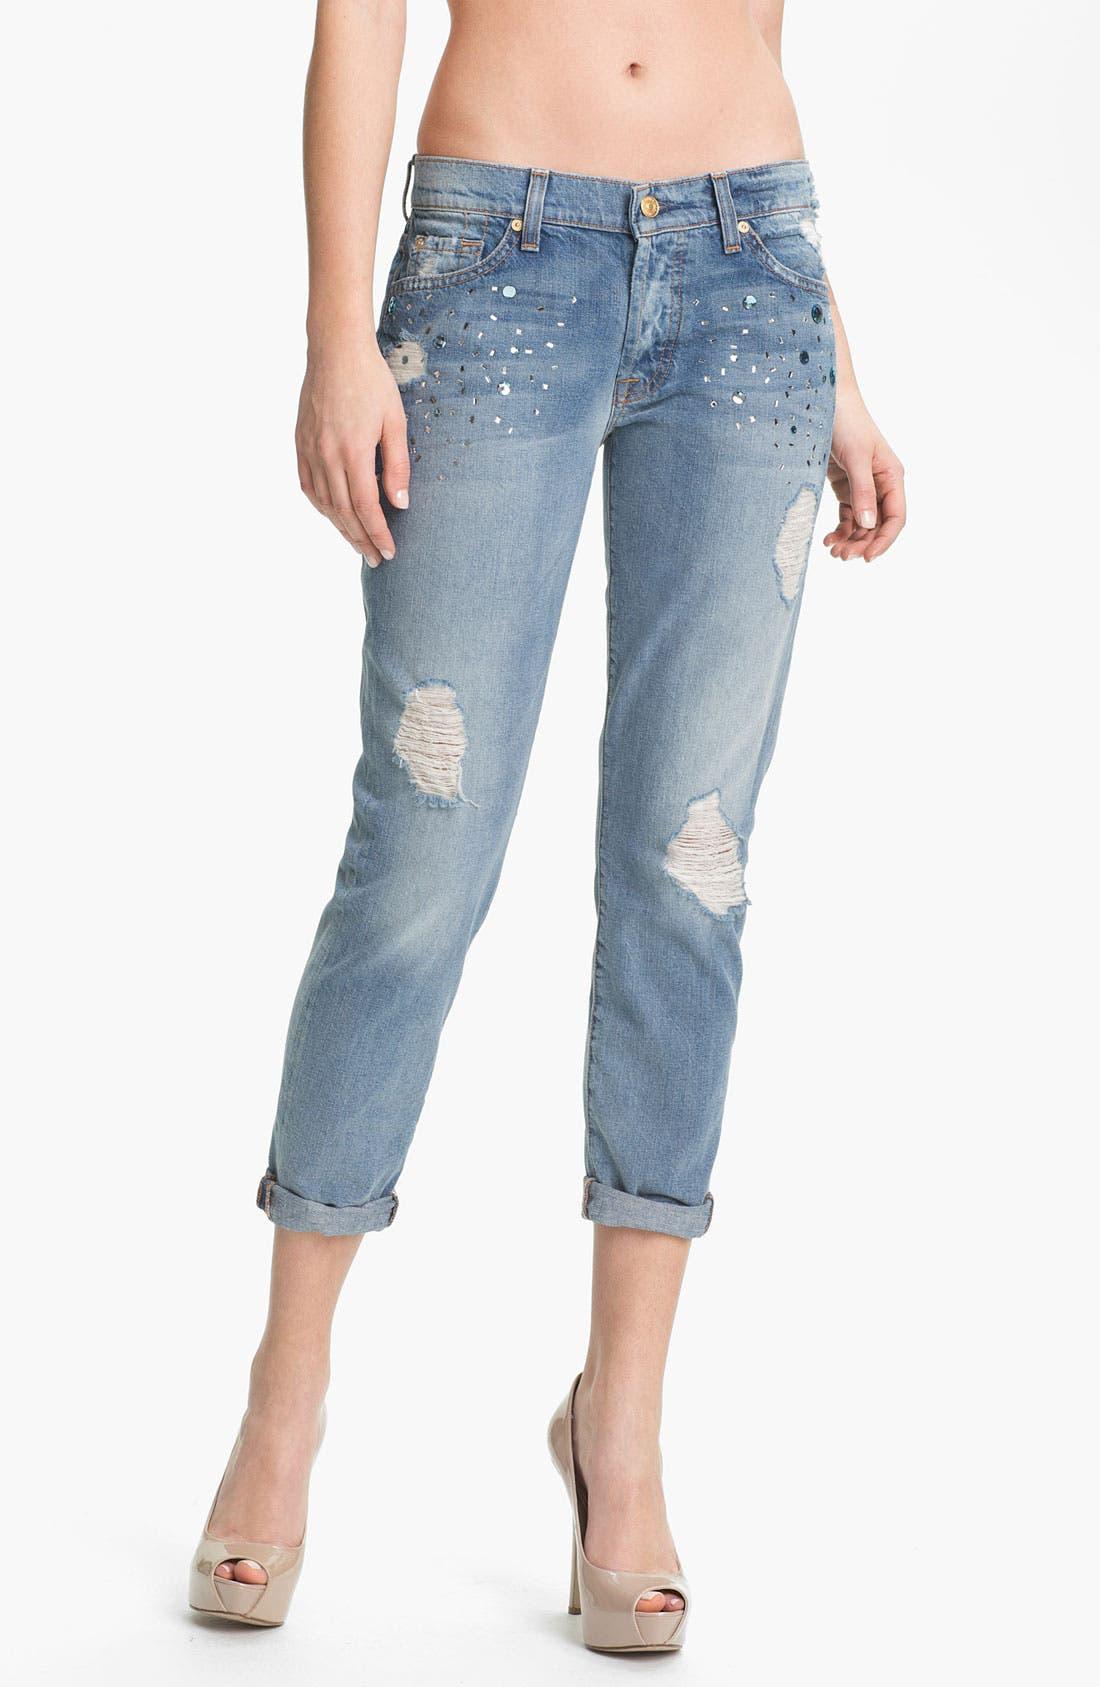 Main Image - 7 For All Mankind® 'Josefina' Embellished Destroyed Jeans (Light Destroyed)